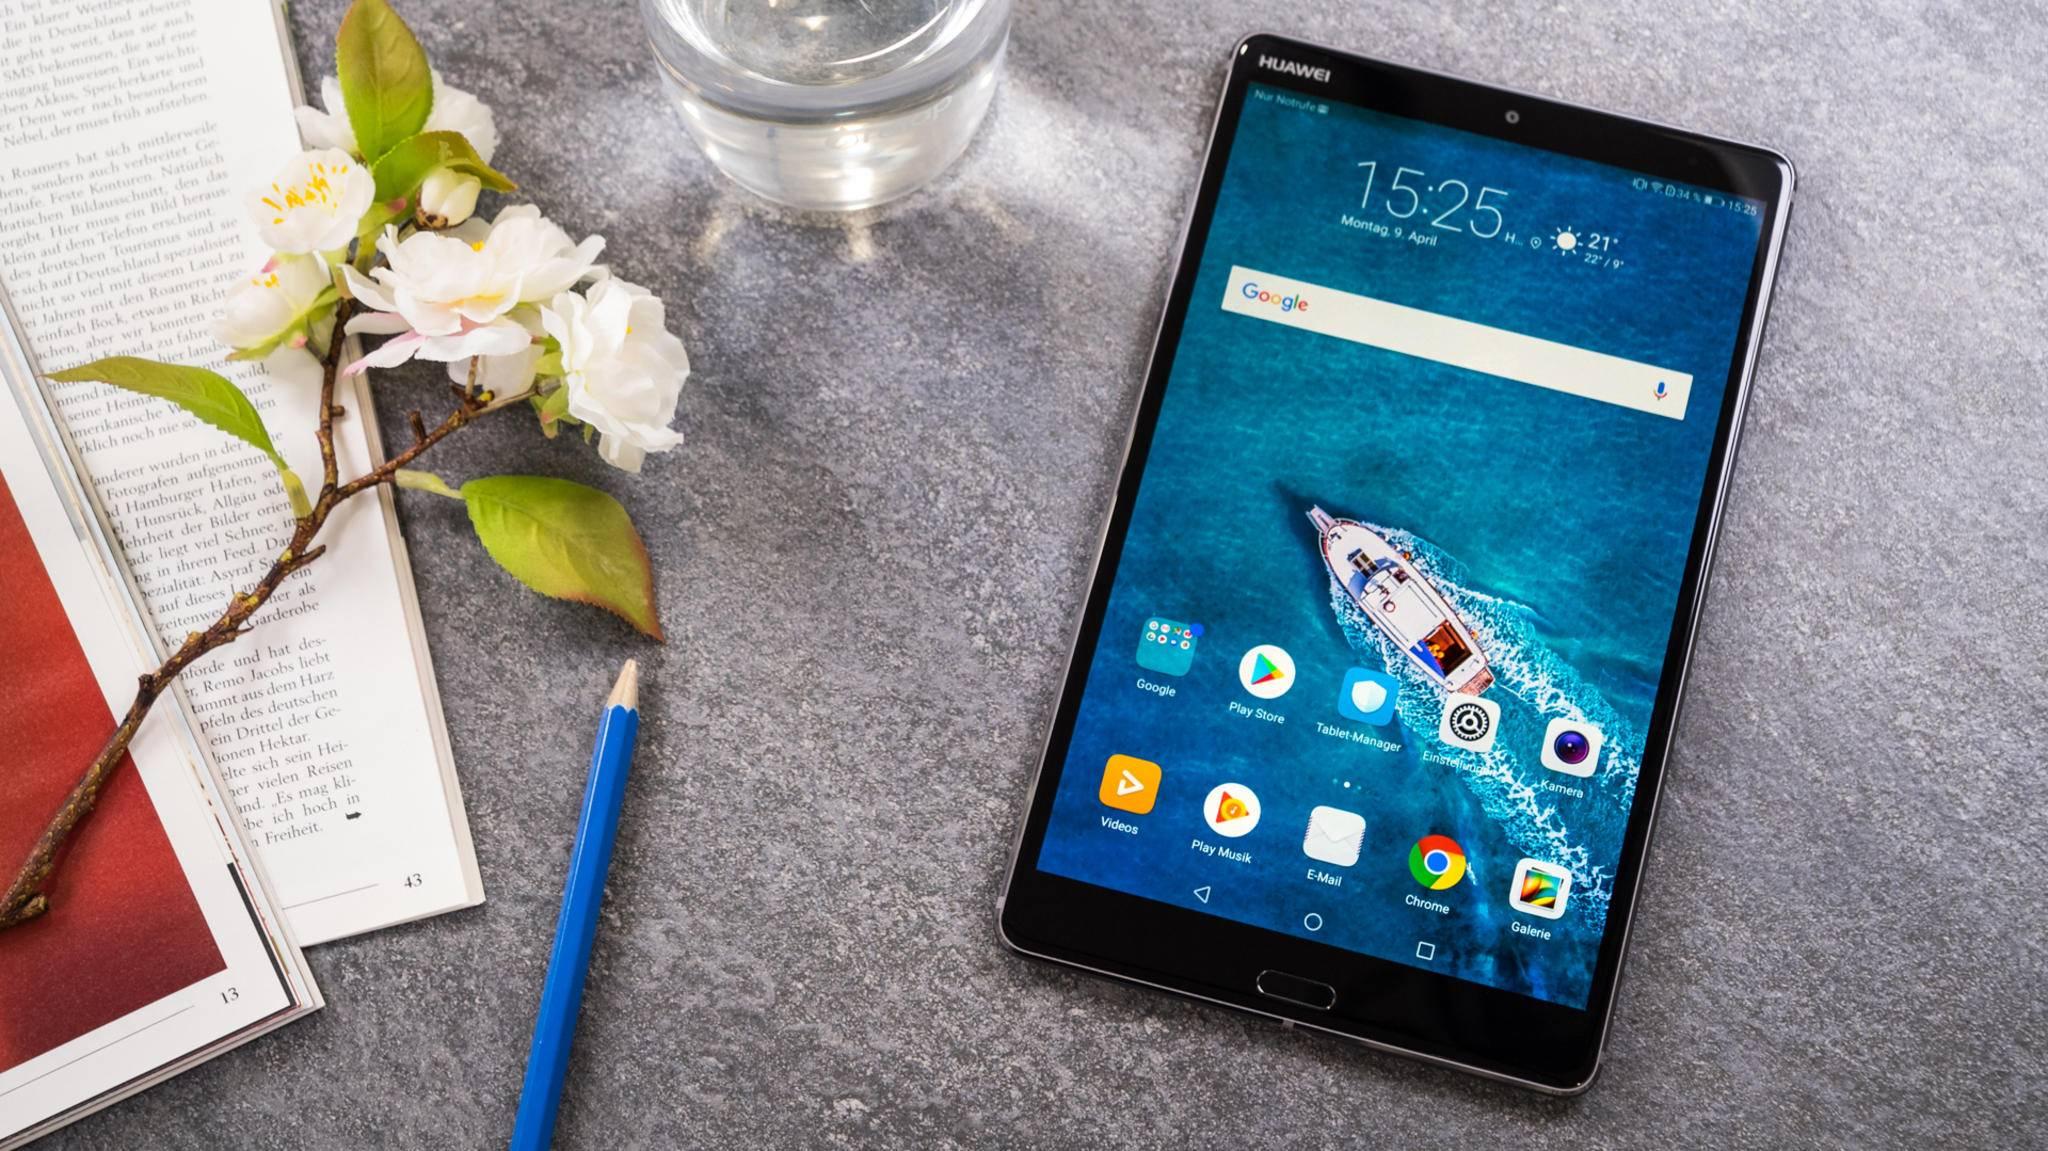 Mit dem Huawei MediaPad M5 LTE (in 8 Zoll oder 10,8 Zoll erhältlich) kannst Du auch telefonieren.